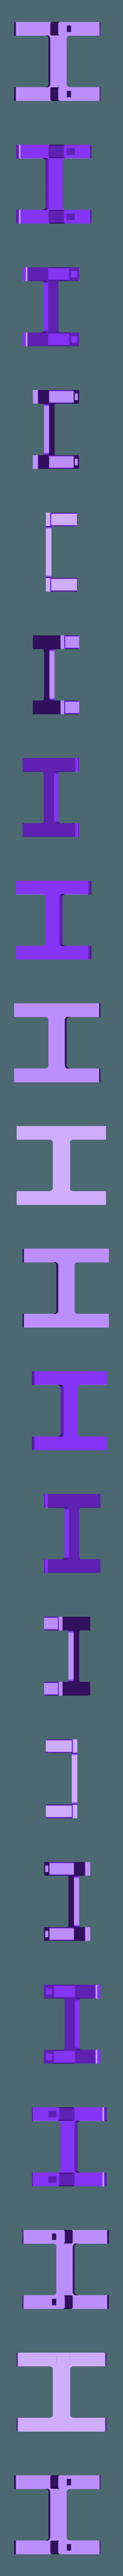 LPT3K_ladder_base.stl Télécharger fichier STL gratuit Échelle Peg Toy 3000: Codename Overkill • Modèle imprimable en 3D, ecoiras